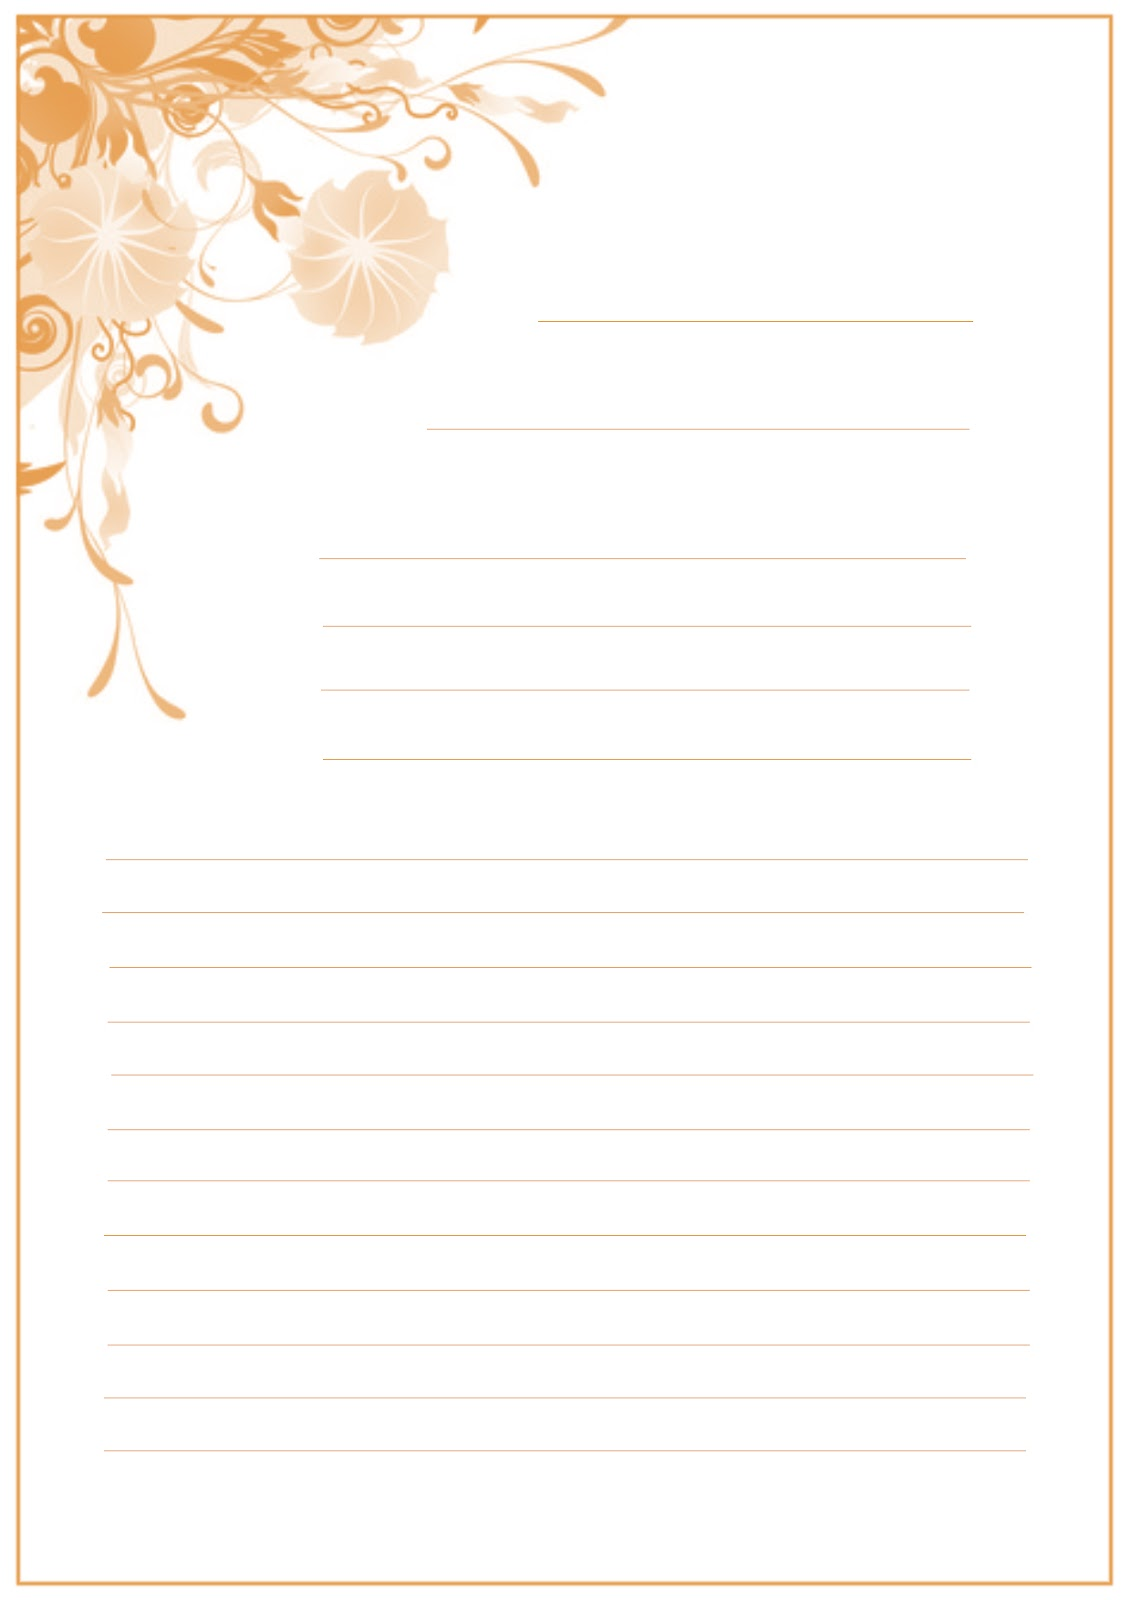 письмо поздравление образец